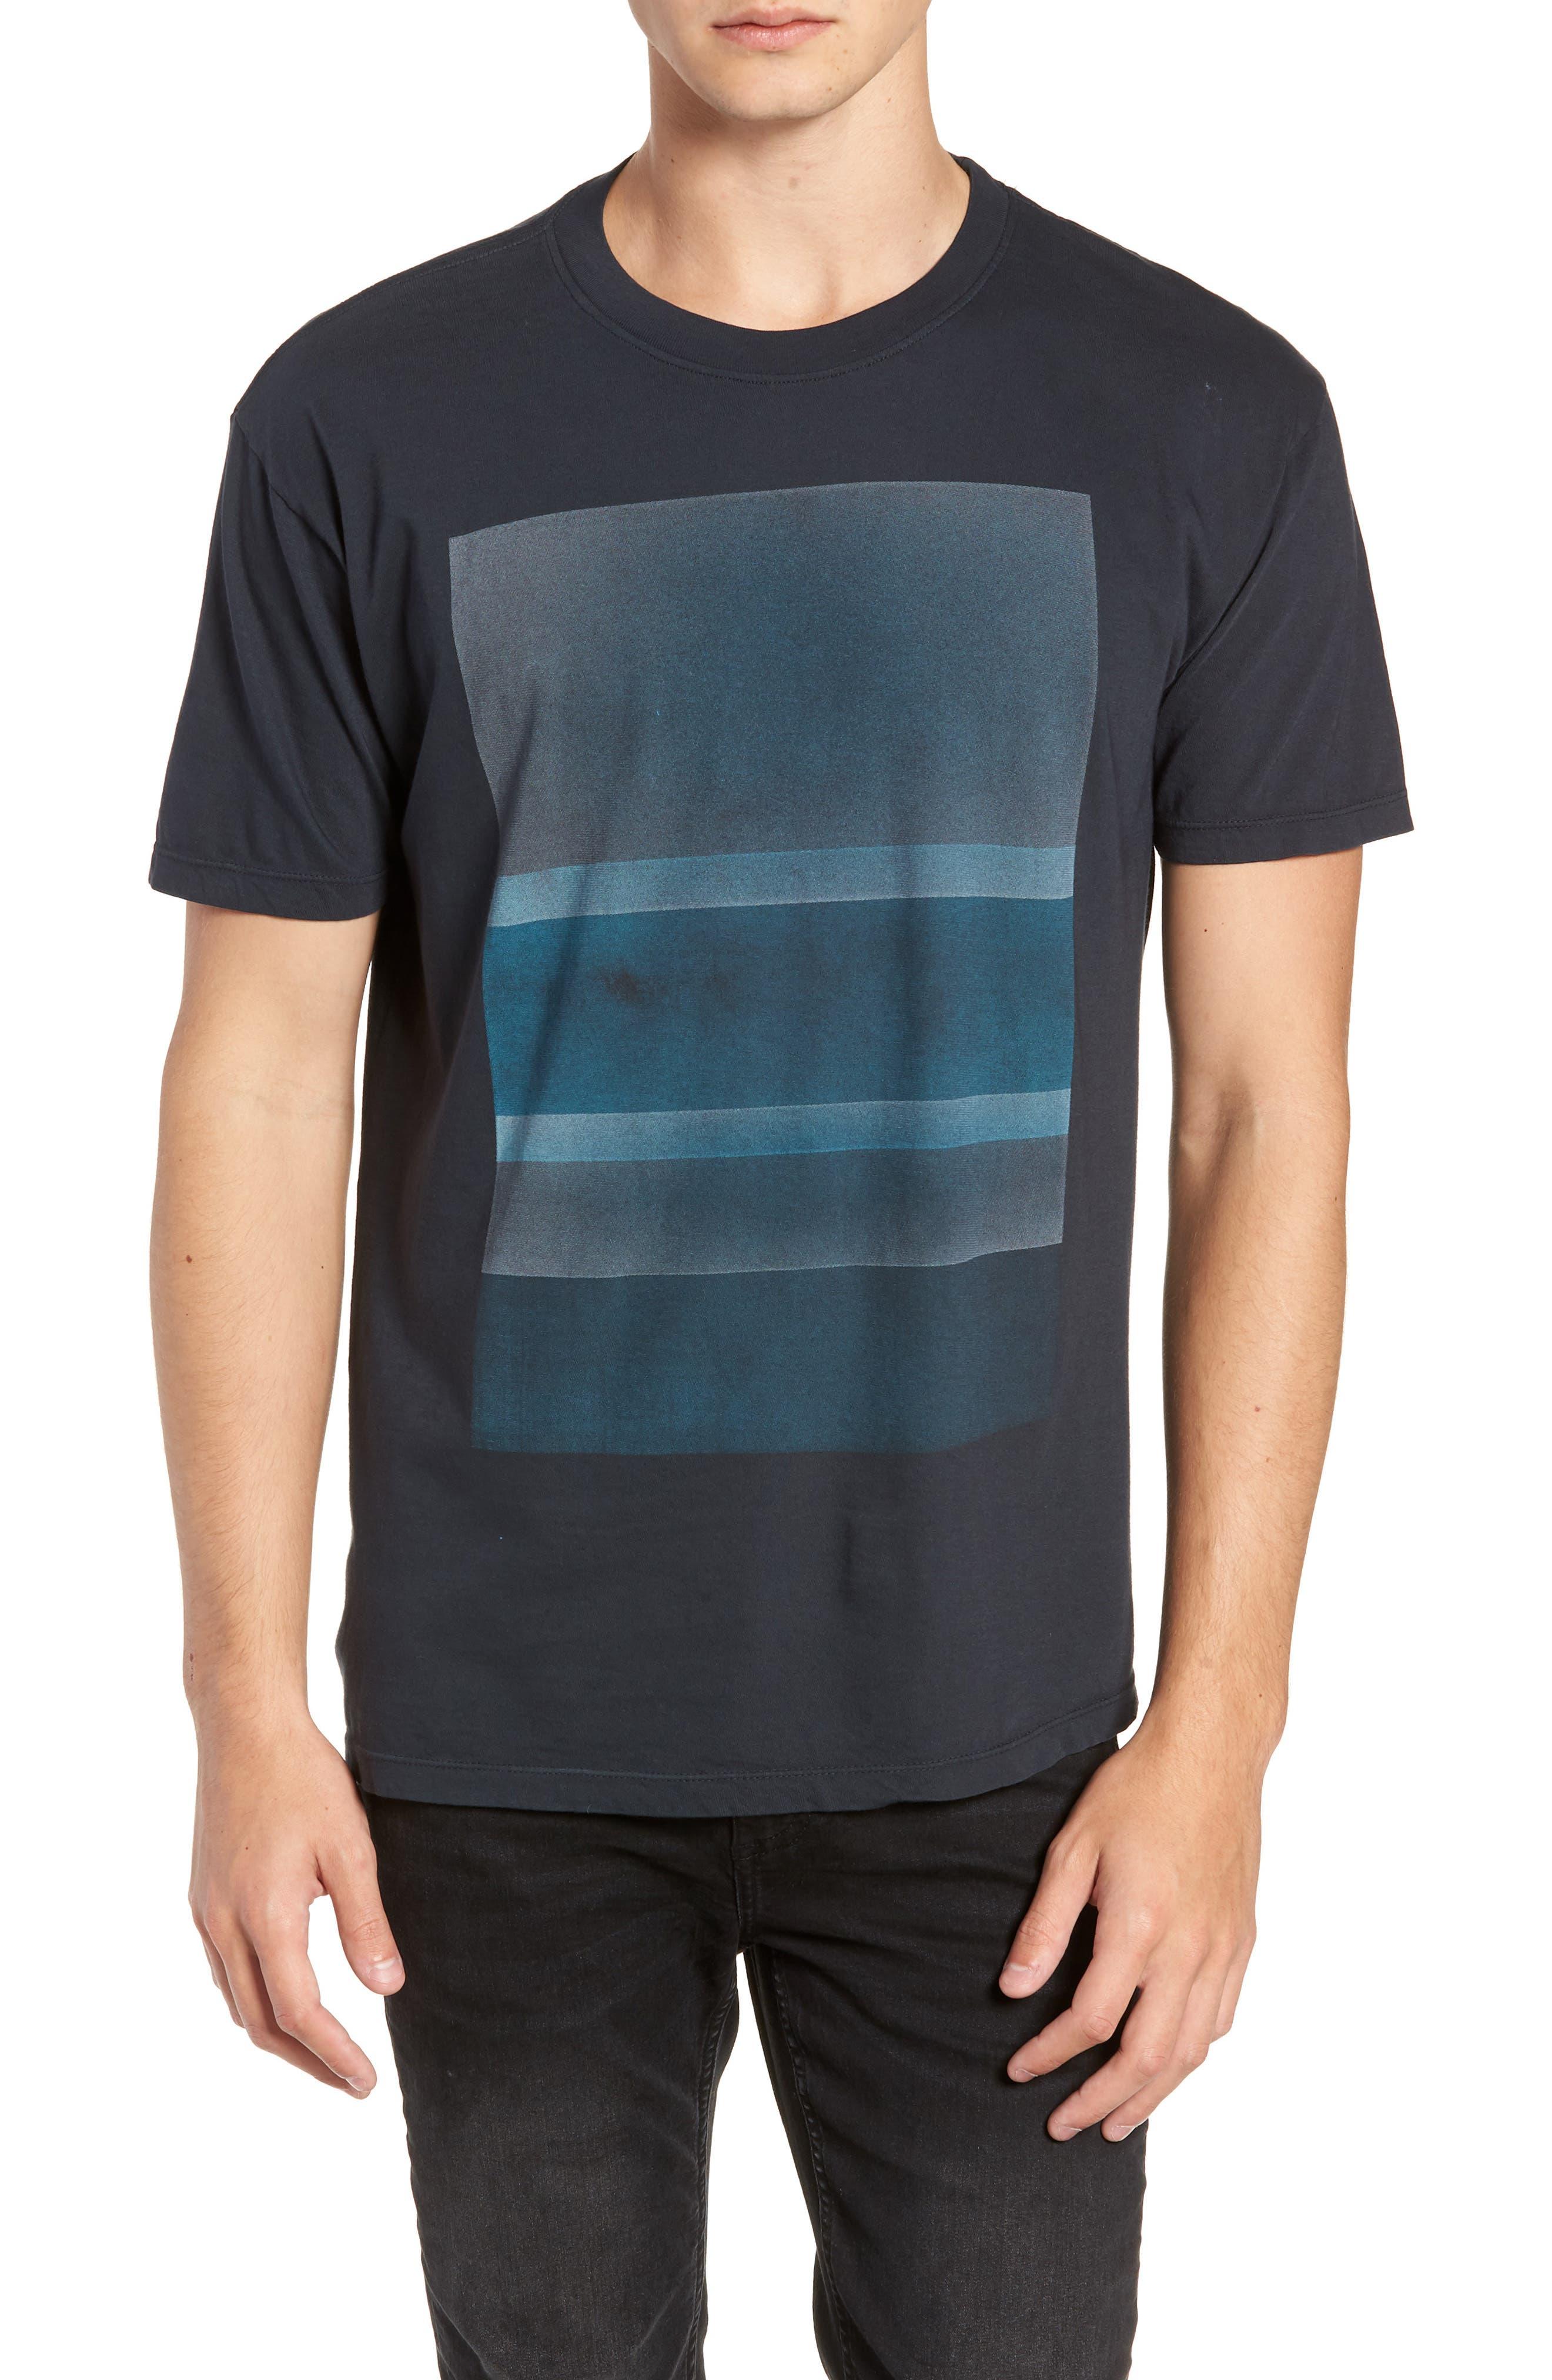 Motion Graphic T-Shirt, Main, color, BLACK